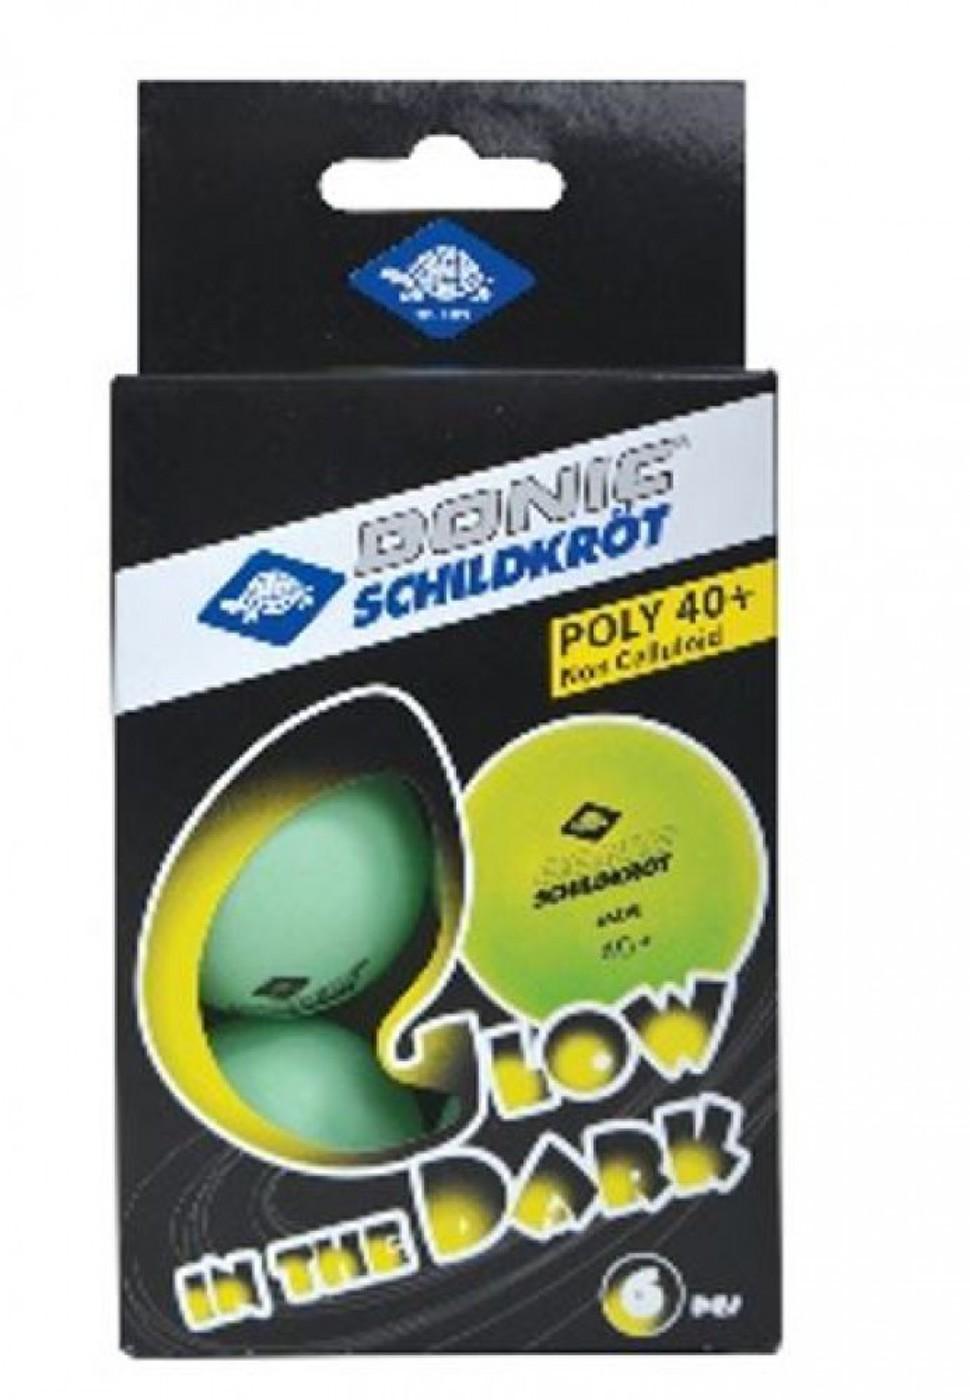 SCHILDKRÖT Glow in the dark Poly 40+ Ball